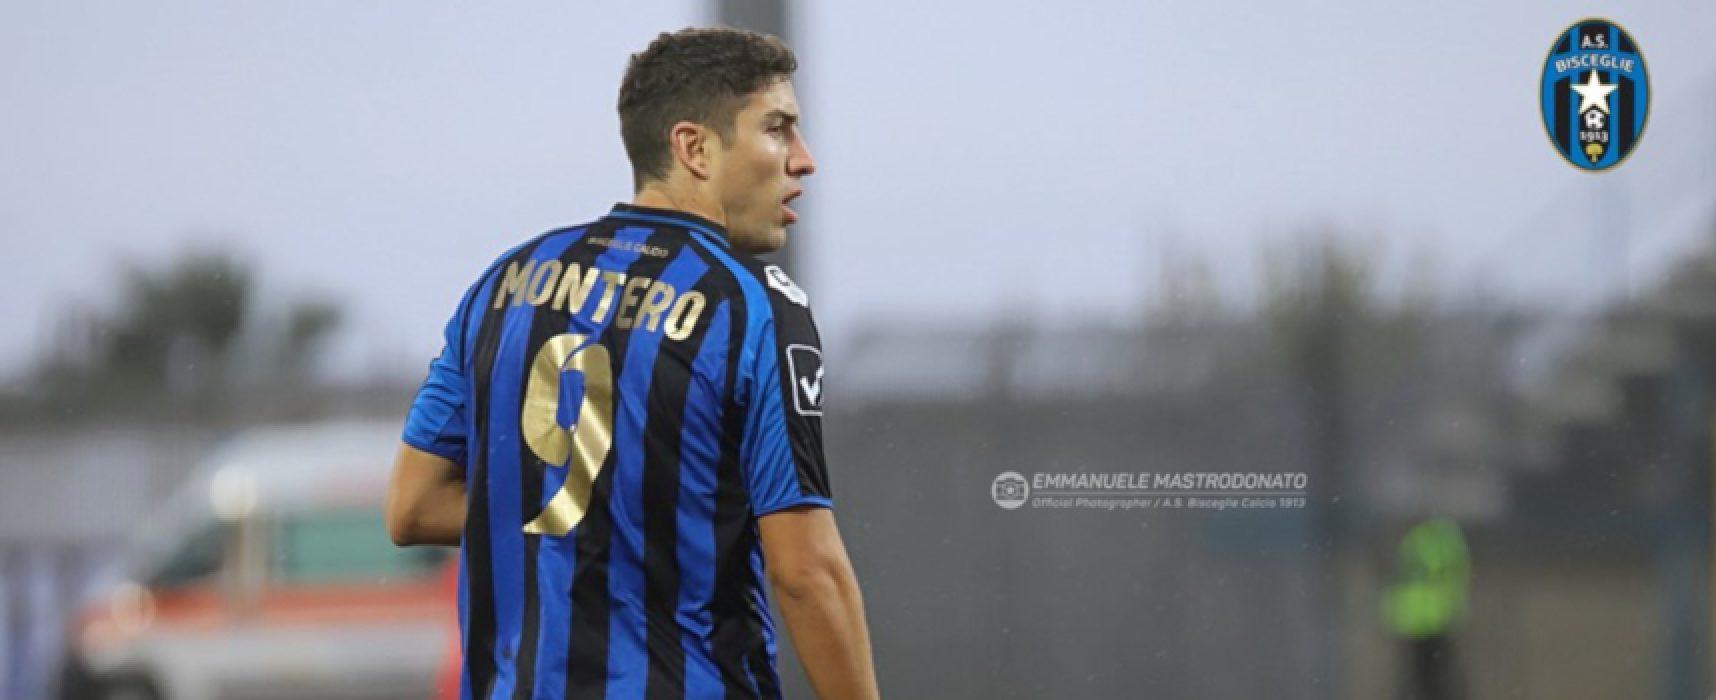 Comincia dalla Cavese il nuovo corso di Mancini sulla panchina del Bisceglie Calcio